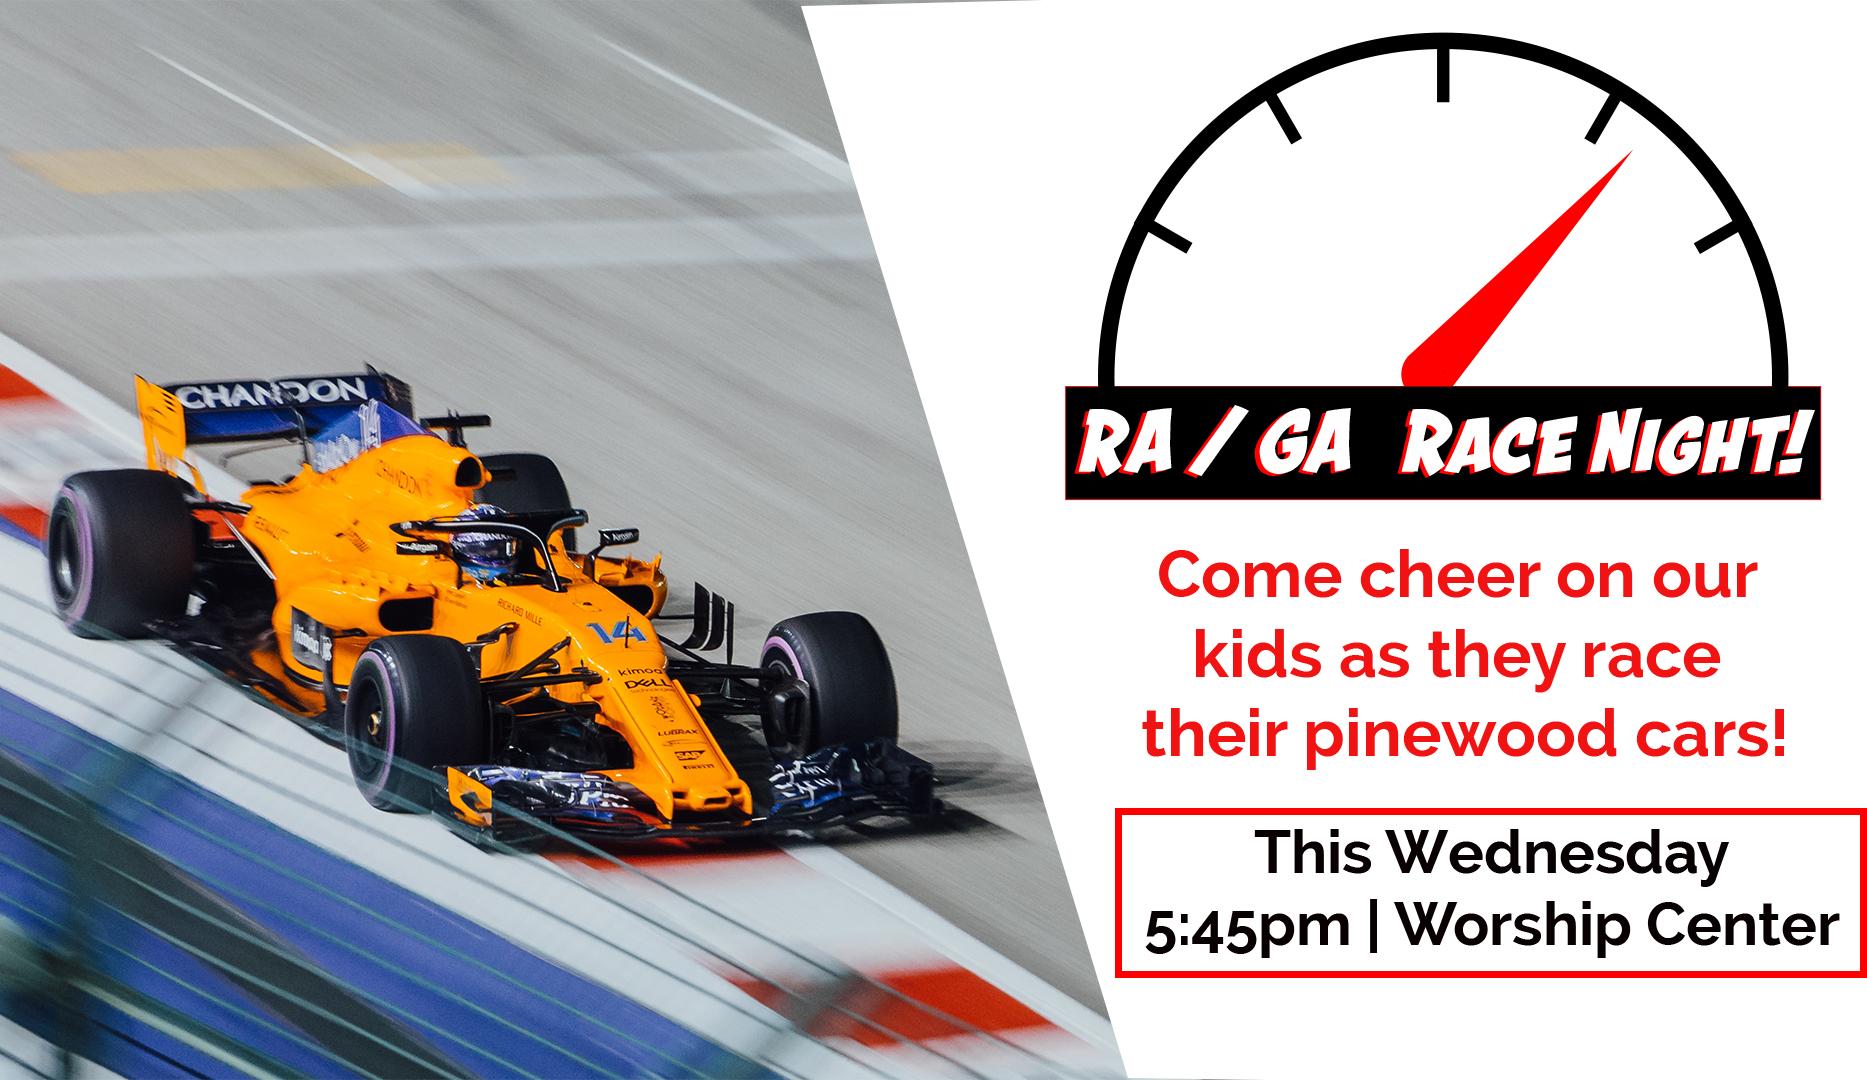 RA GA Racenight.jpg